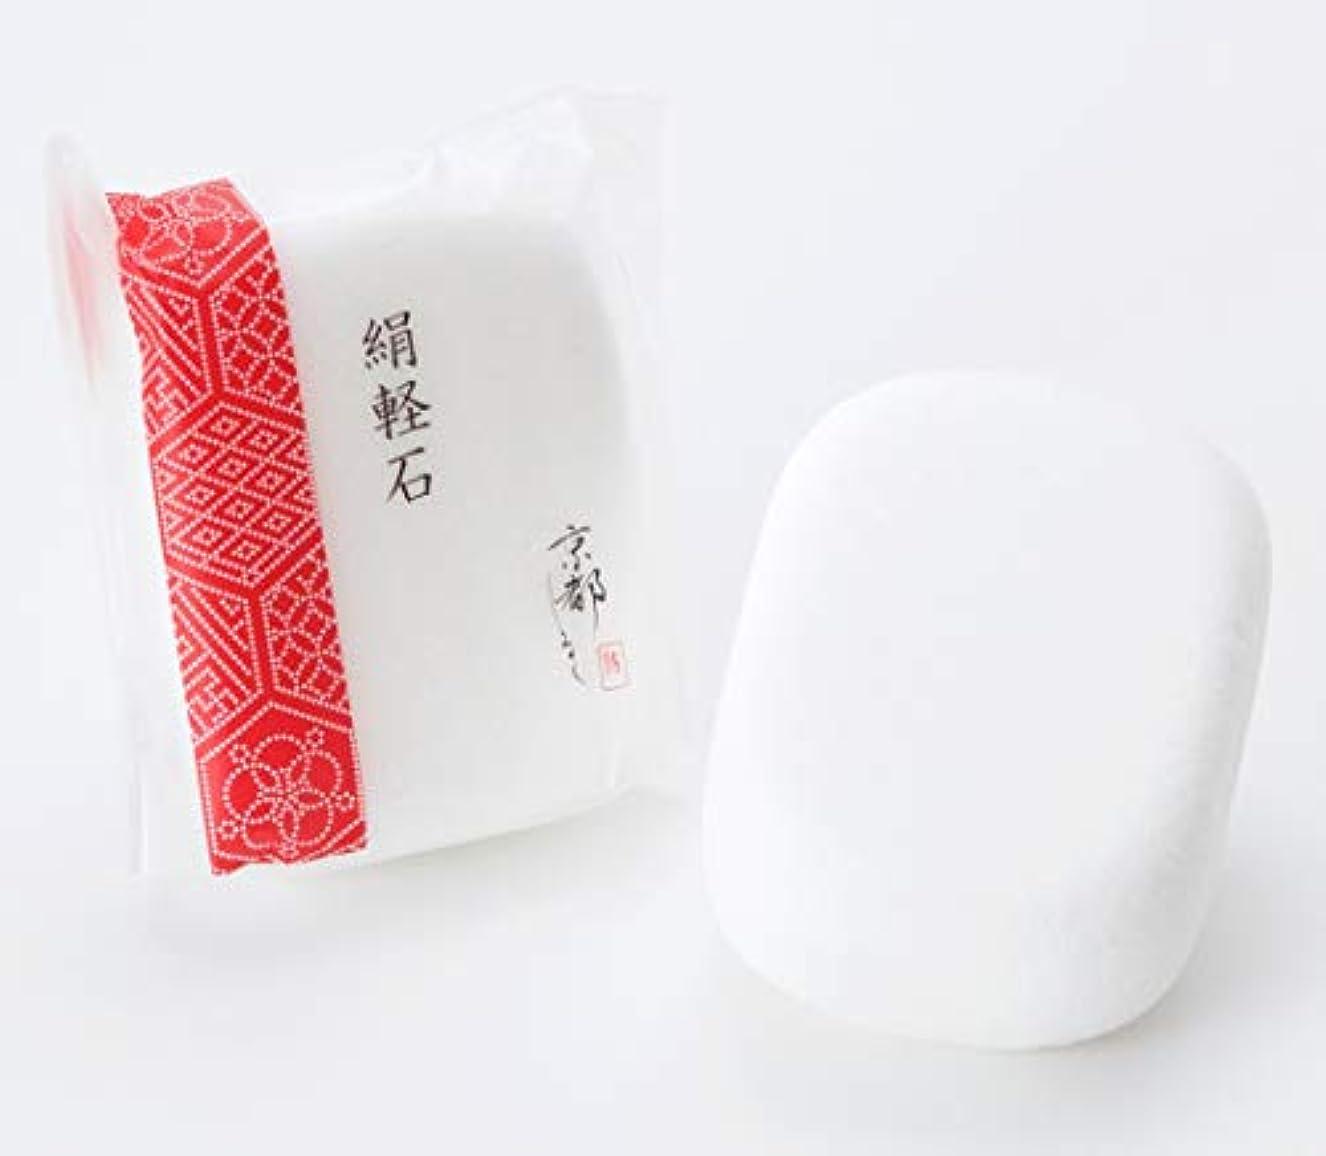 素晴らしい良い多くの田舎深さ京都しるく シルクの軽石 2個セット【保湿成分シルクパウダー配合】/かかとの角質を落としてツルツル素足に 絹軽石 かかとキレイ かかとつるつる